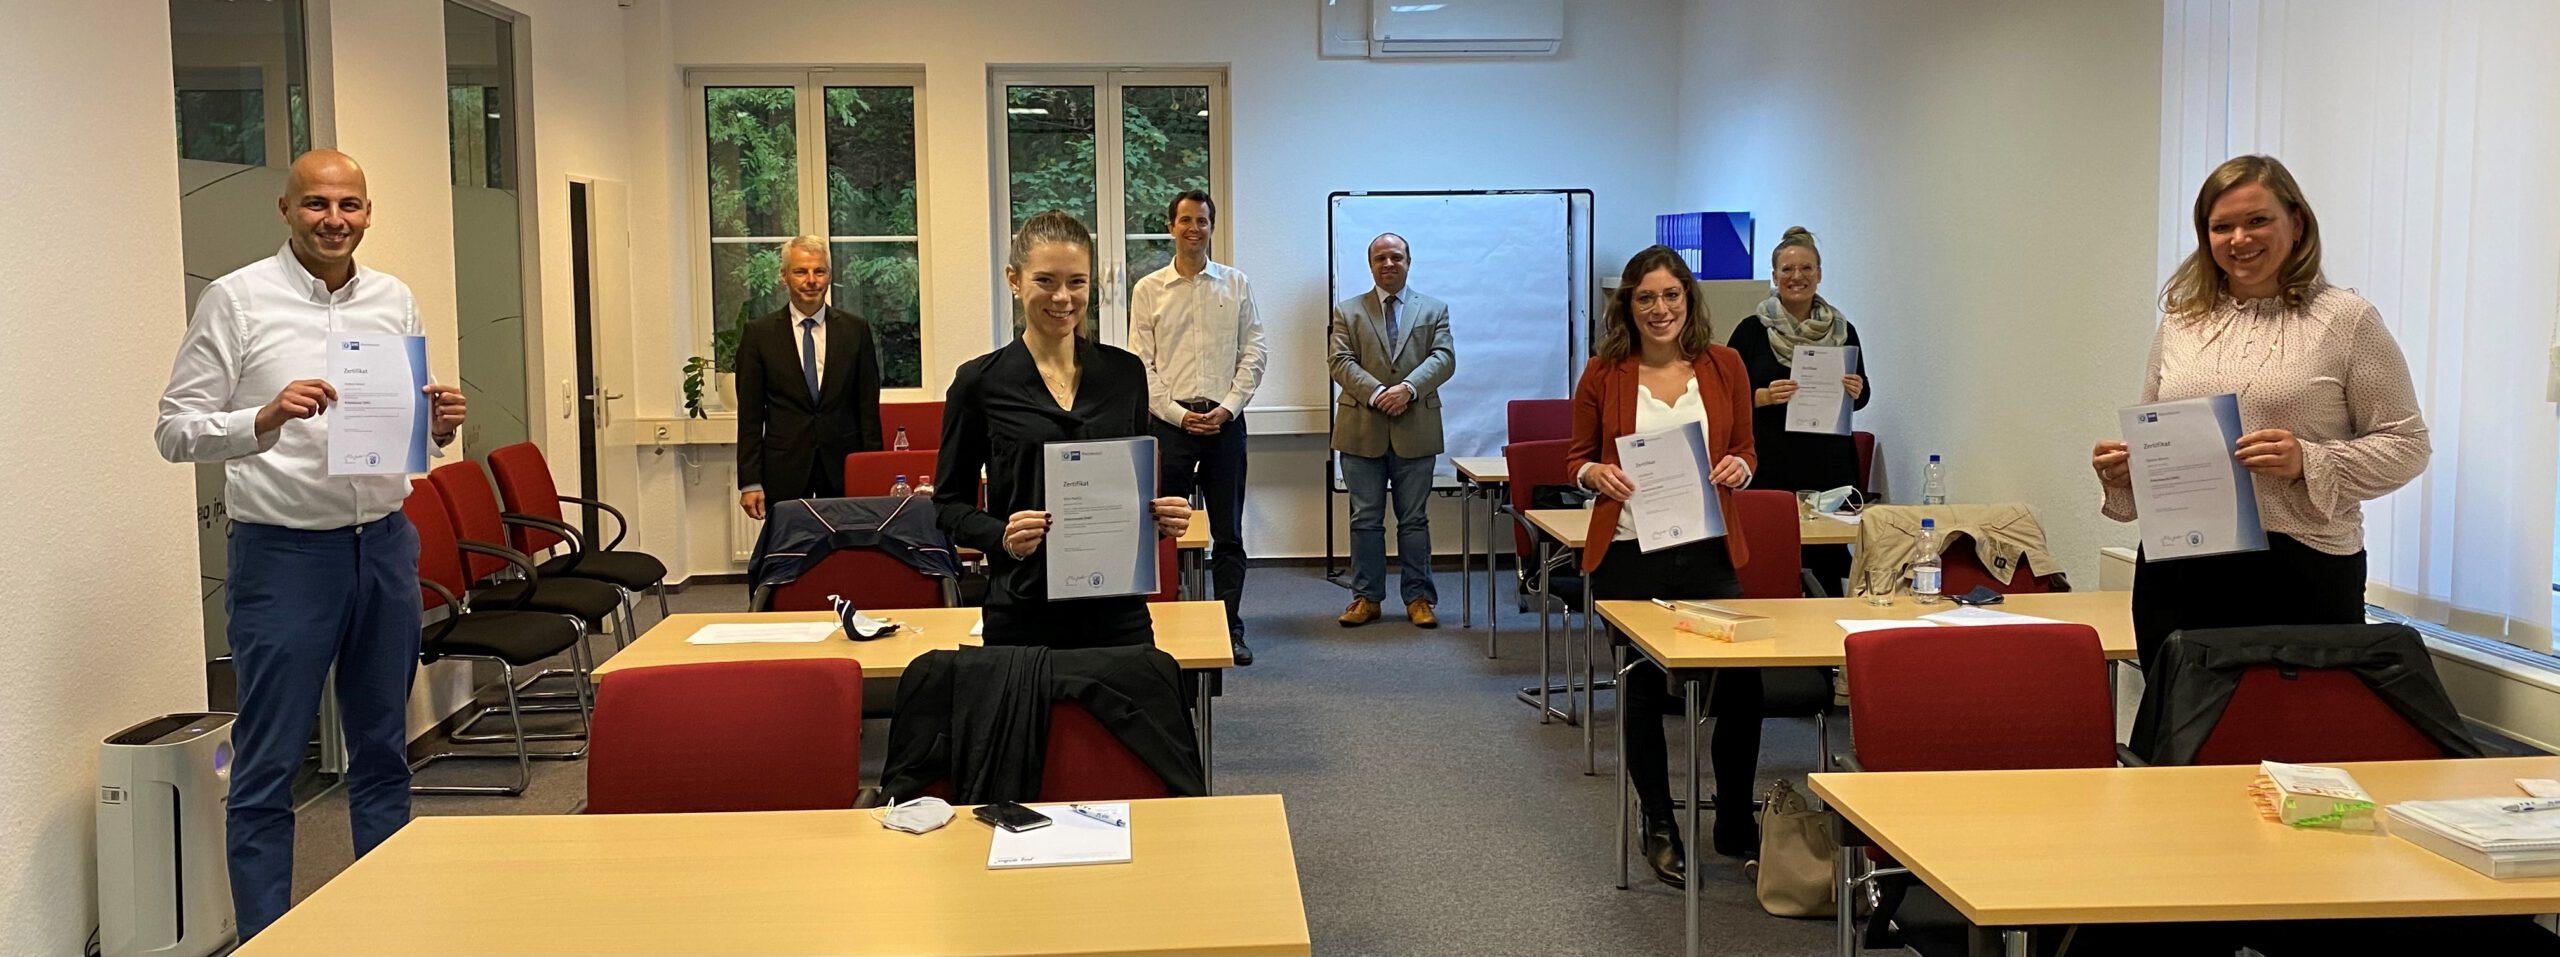 """IHK Zertifikatslehrgang Arbeitsrecht: Erfolgreicher Abschluss im """"Corona-Jahrgang"""""""